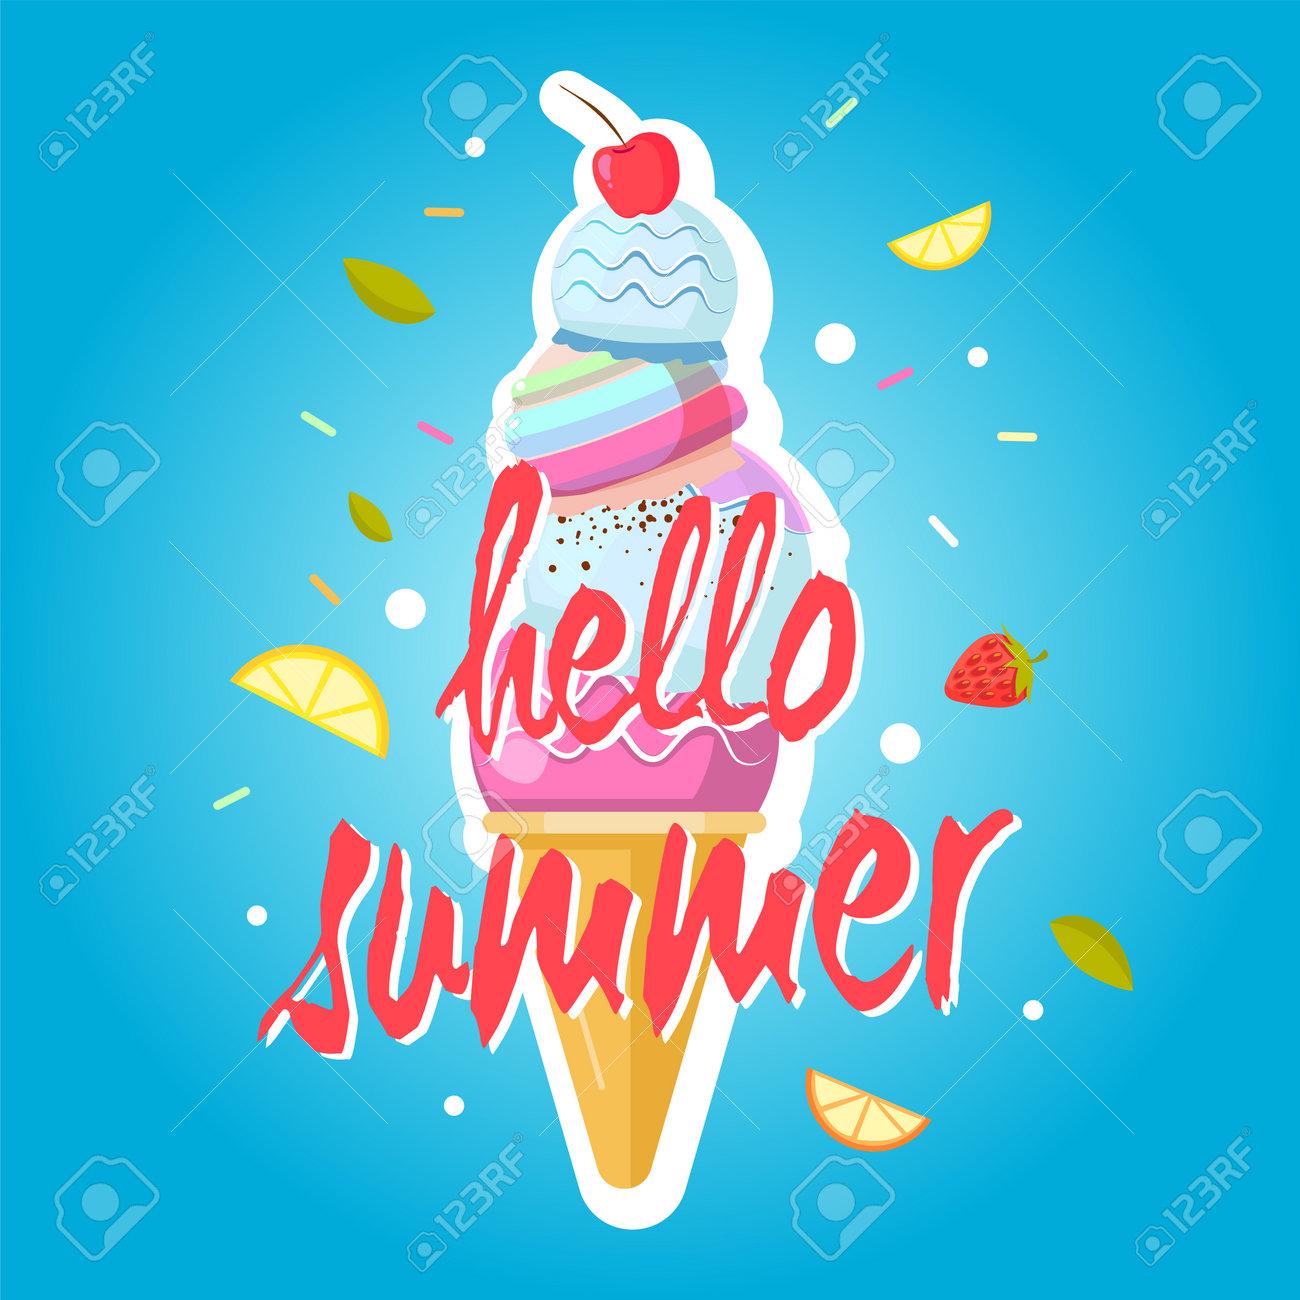 Hello summer ice cream cone, colorful background. Color sweet ice cream food, dessert ice-cream, vector illustration - 166035205